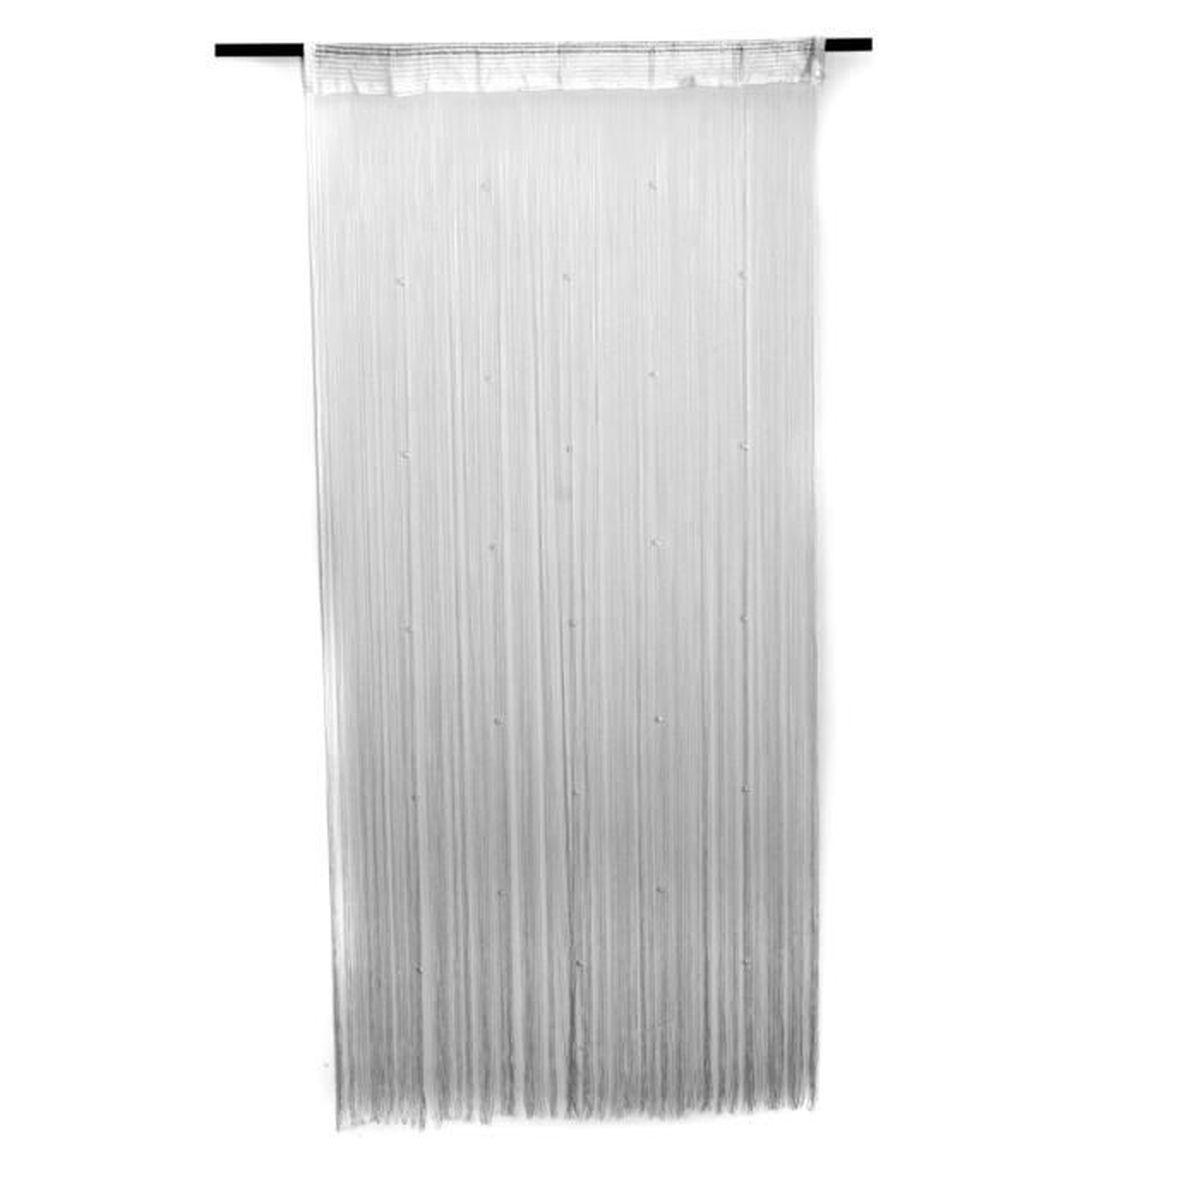 rideau voilage fenetre blanc achat vente rideau voilage fenetre blanc pas cher cdiscount. Black Bedroom Furniture Sets. Home Design Ideas